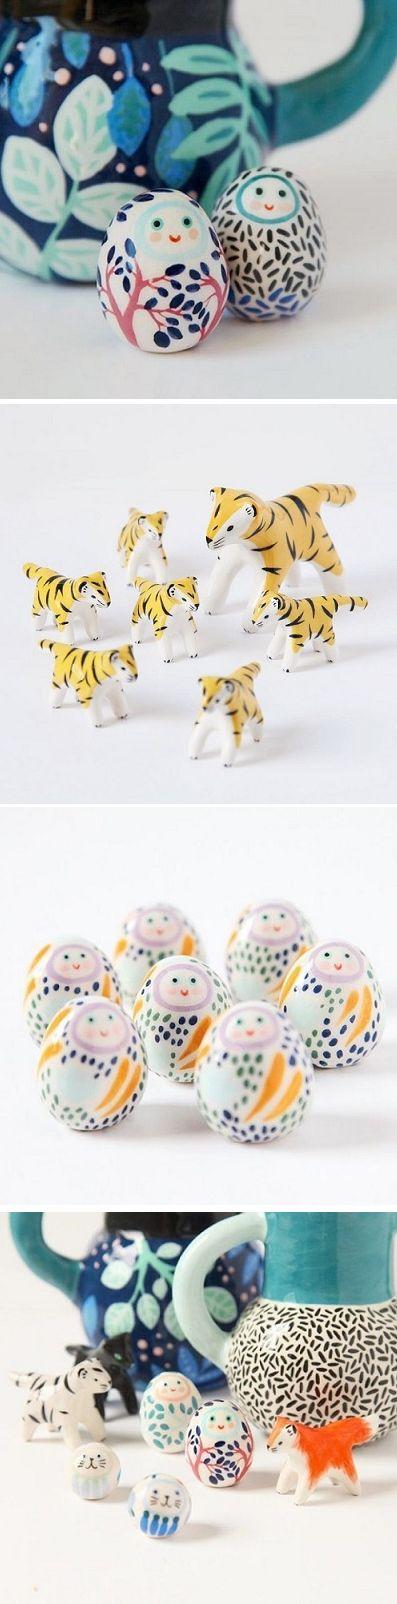 Ceramics by Dodo Toucan